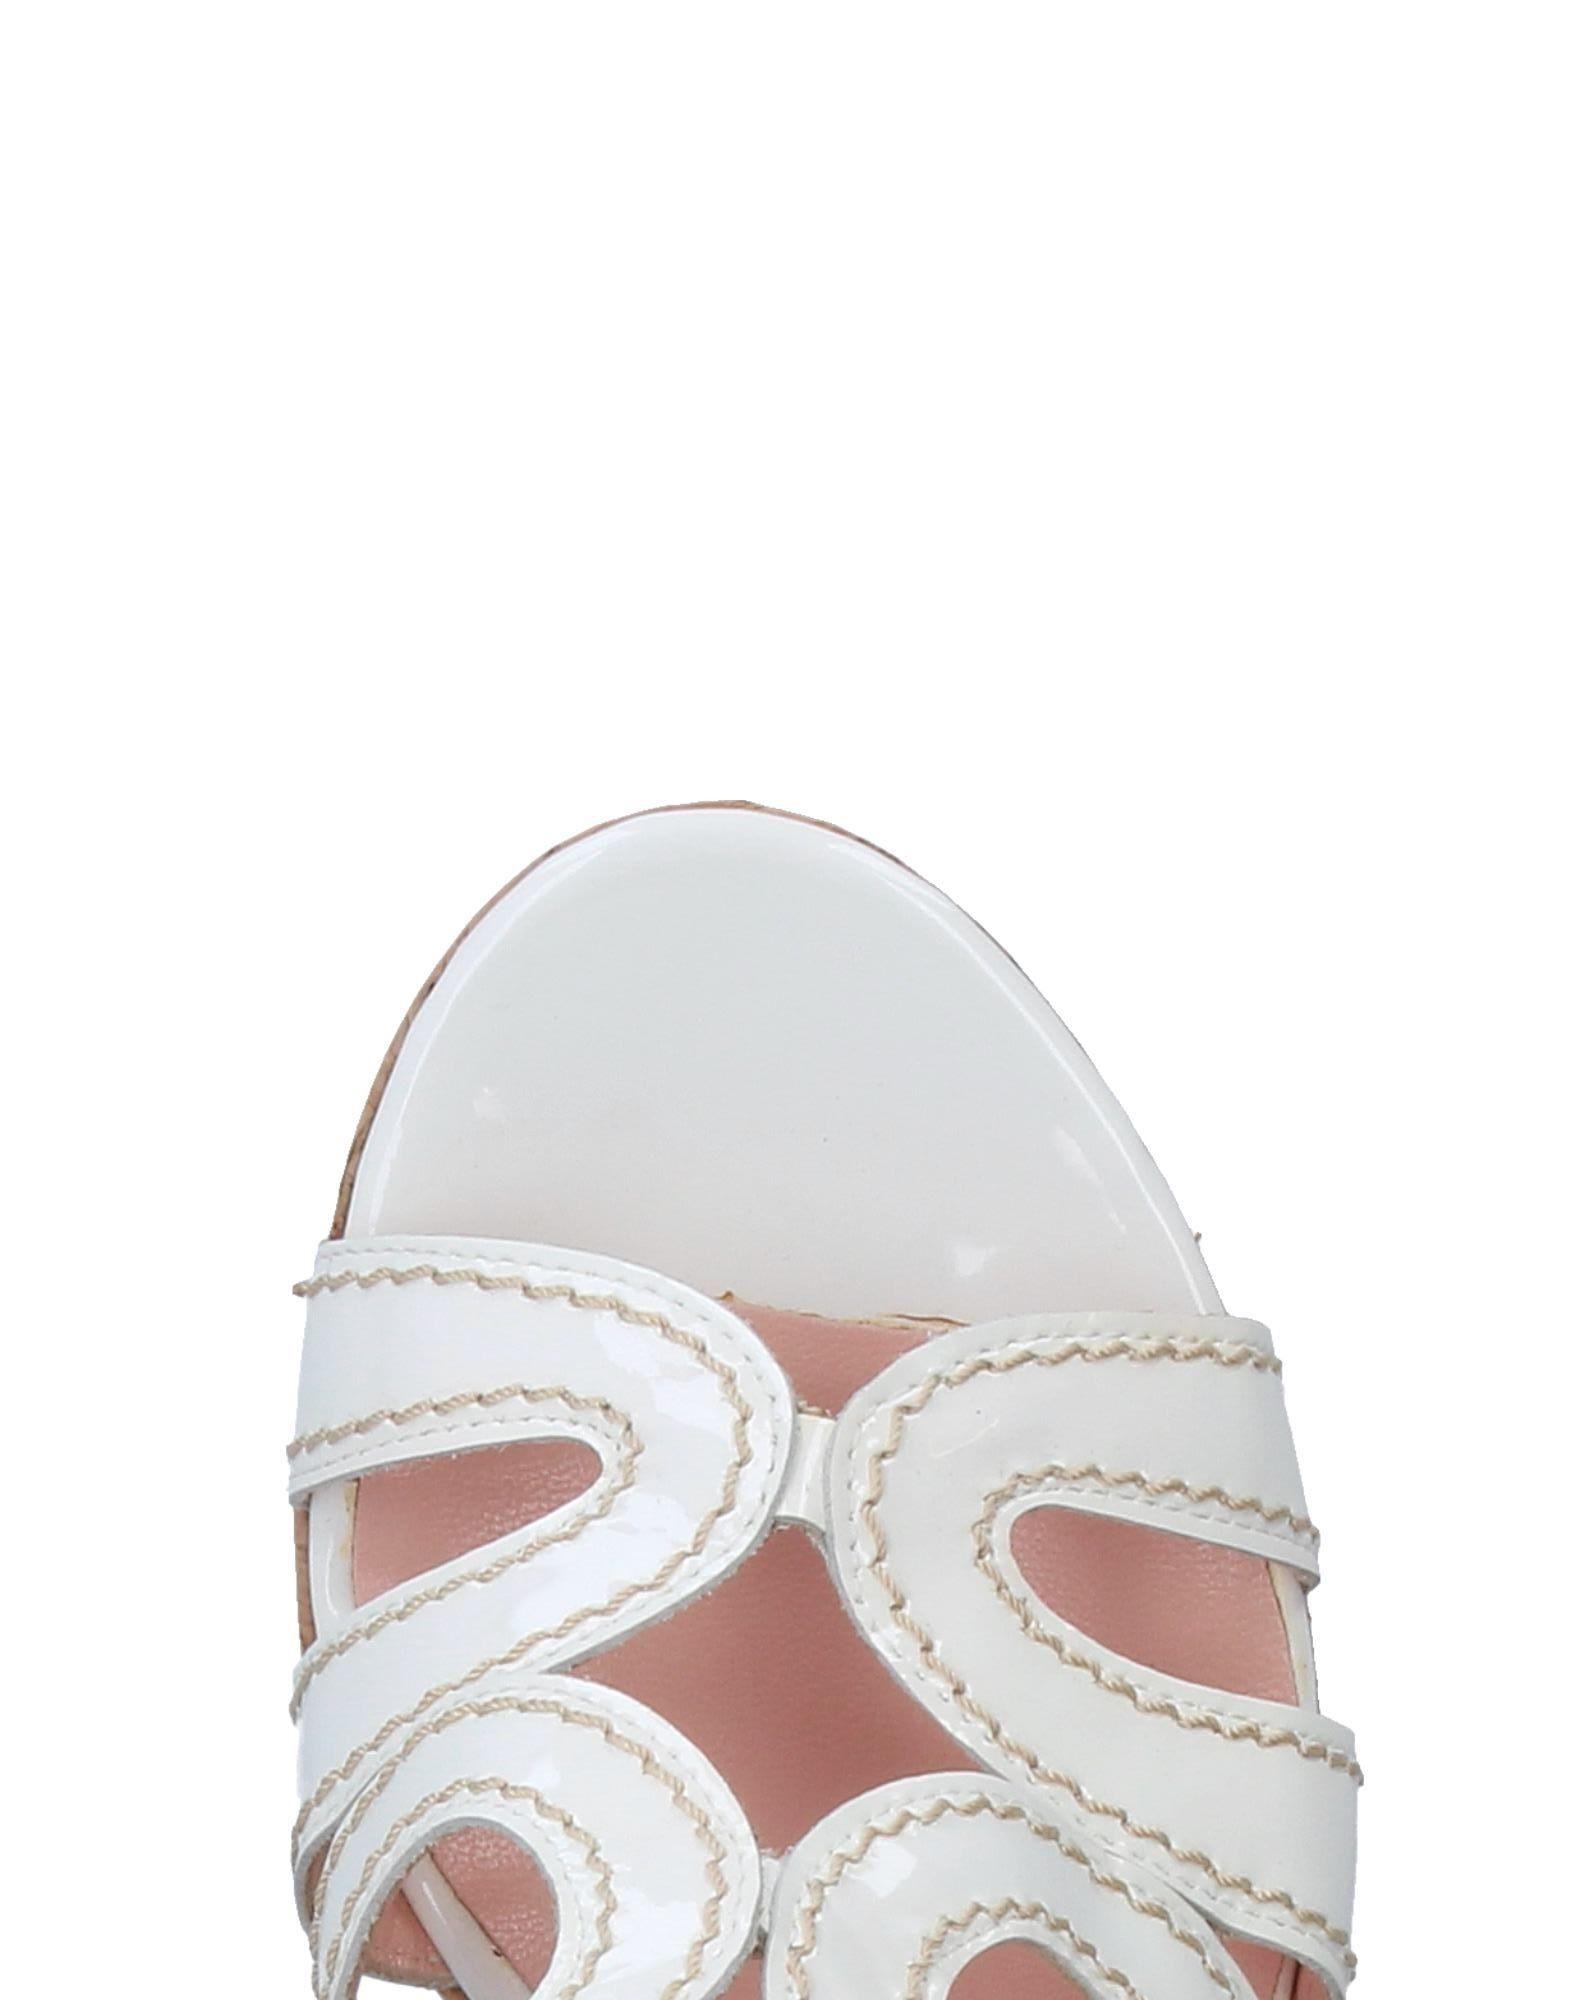 Anna F. Qualität Sandalen Damen 11327968TF Gute Qualität F. beliebte Schuhe 34b48d